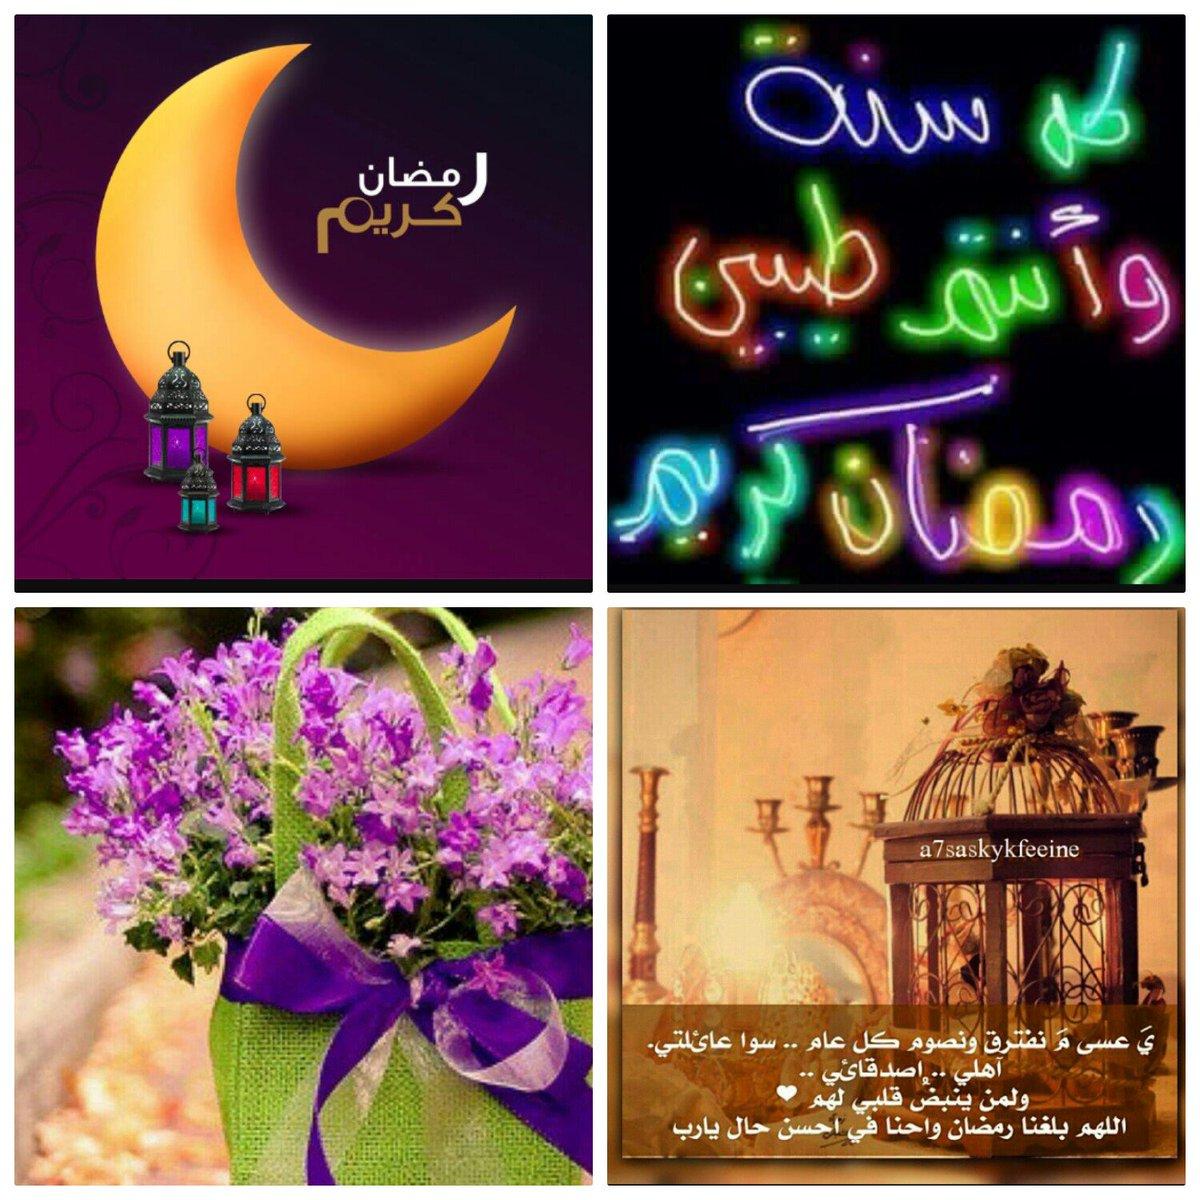 مبارك عليكم الشهركل عام وانتم بخير رمضان كريم